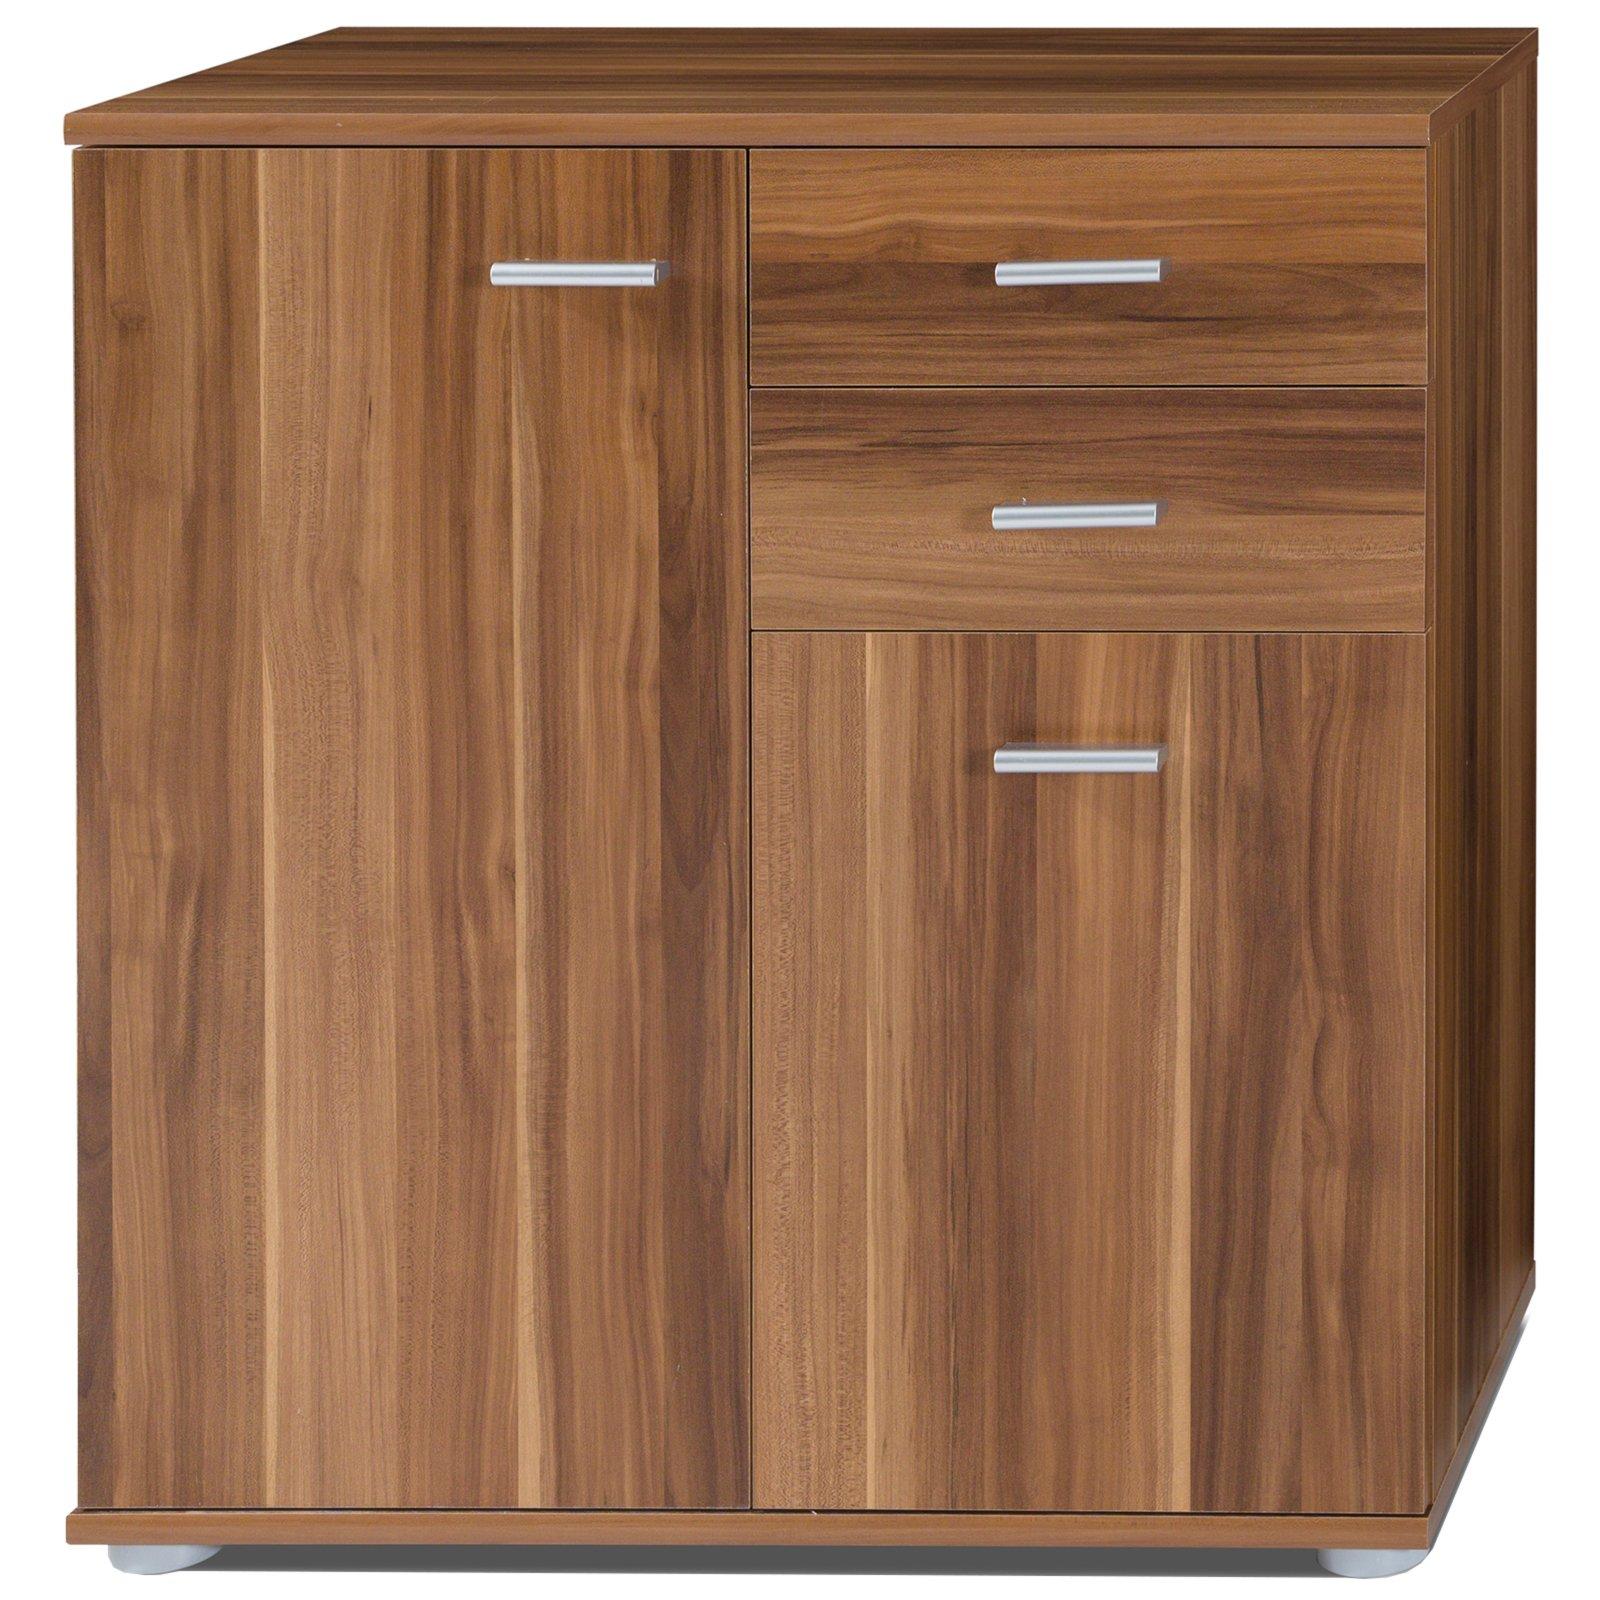 kommode mike 2 nussbaum t ren und schubladen 71 cm kommoden sideboards m bel. Black Bedroom Furniture Sets. Home Design Ideas